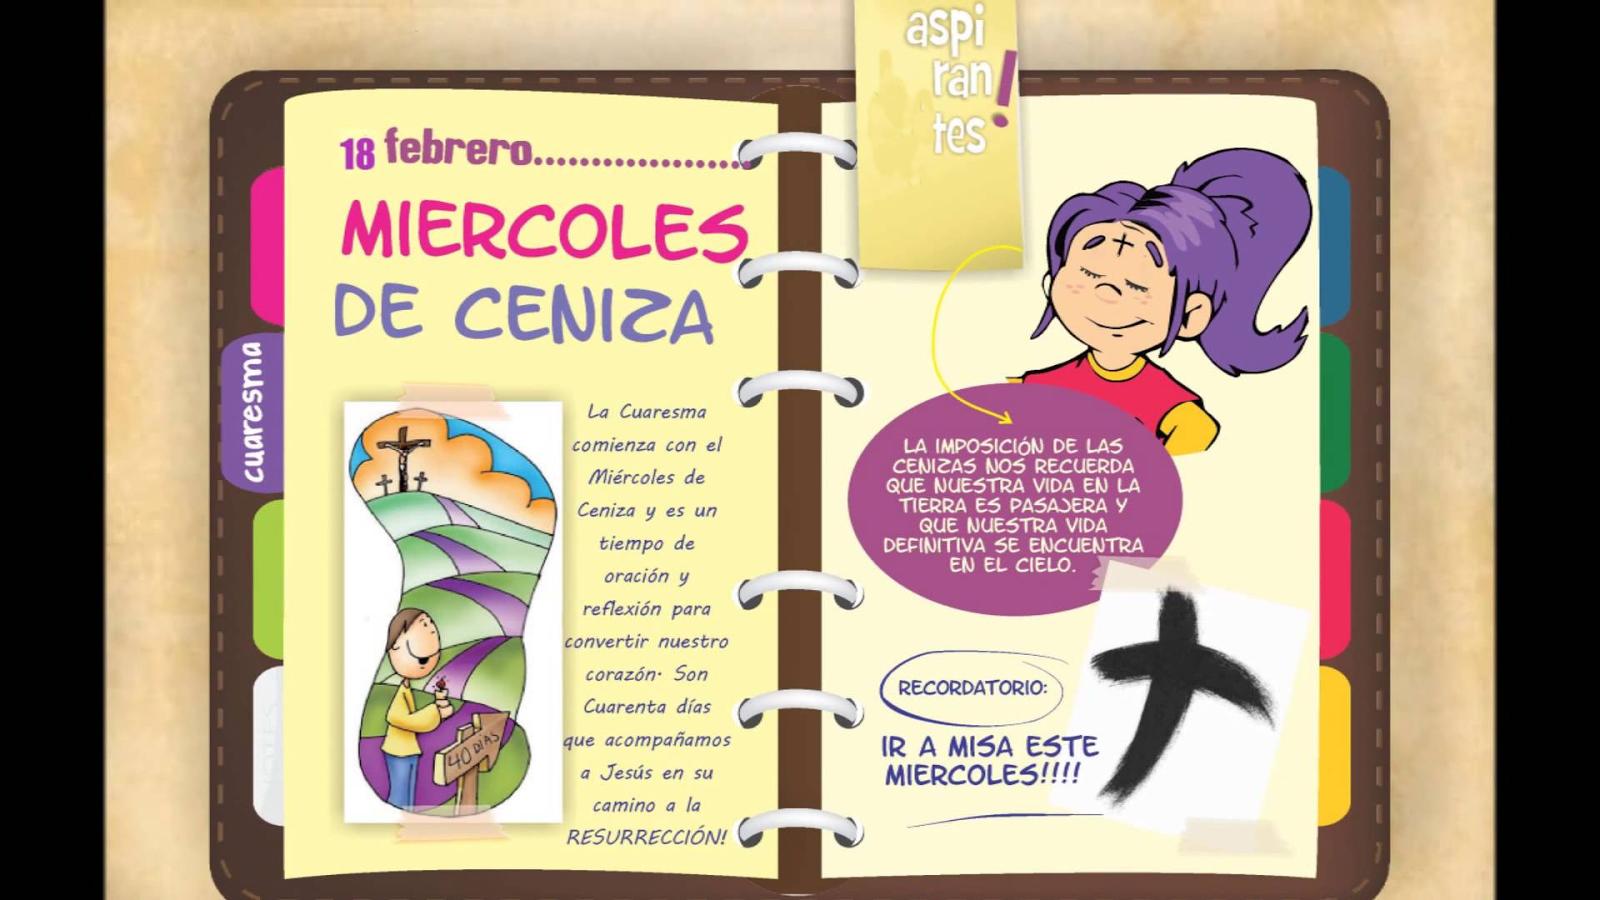 http://es.catholic.net/op/articulos/13351/especial-de-cuaresma.html